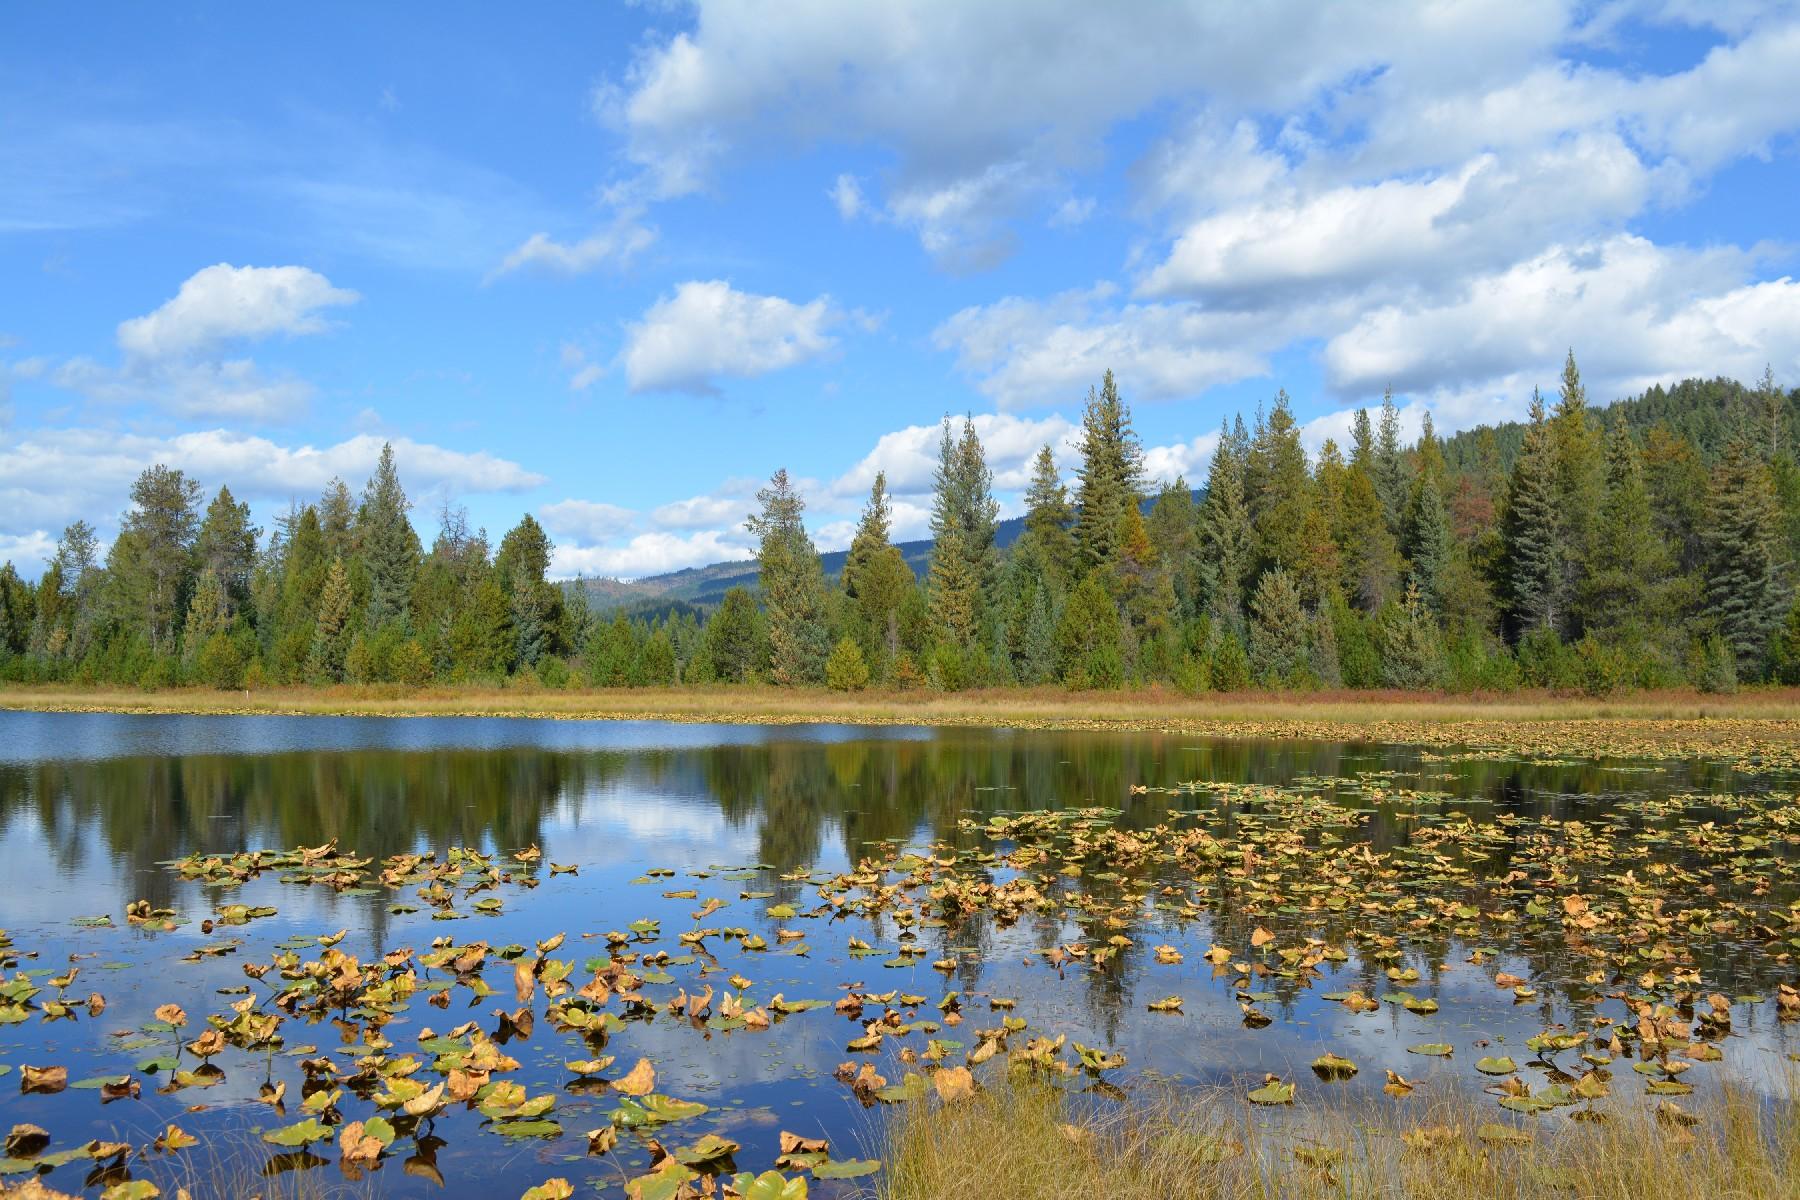 Land für Verkauf beim Lee Lake at Sundance Estates Lot 2 Lee Lake, Coolin, Idaho 83821 Vereinigte Staaten